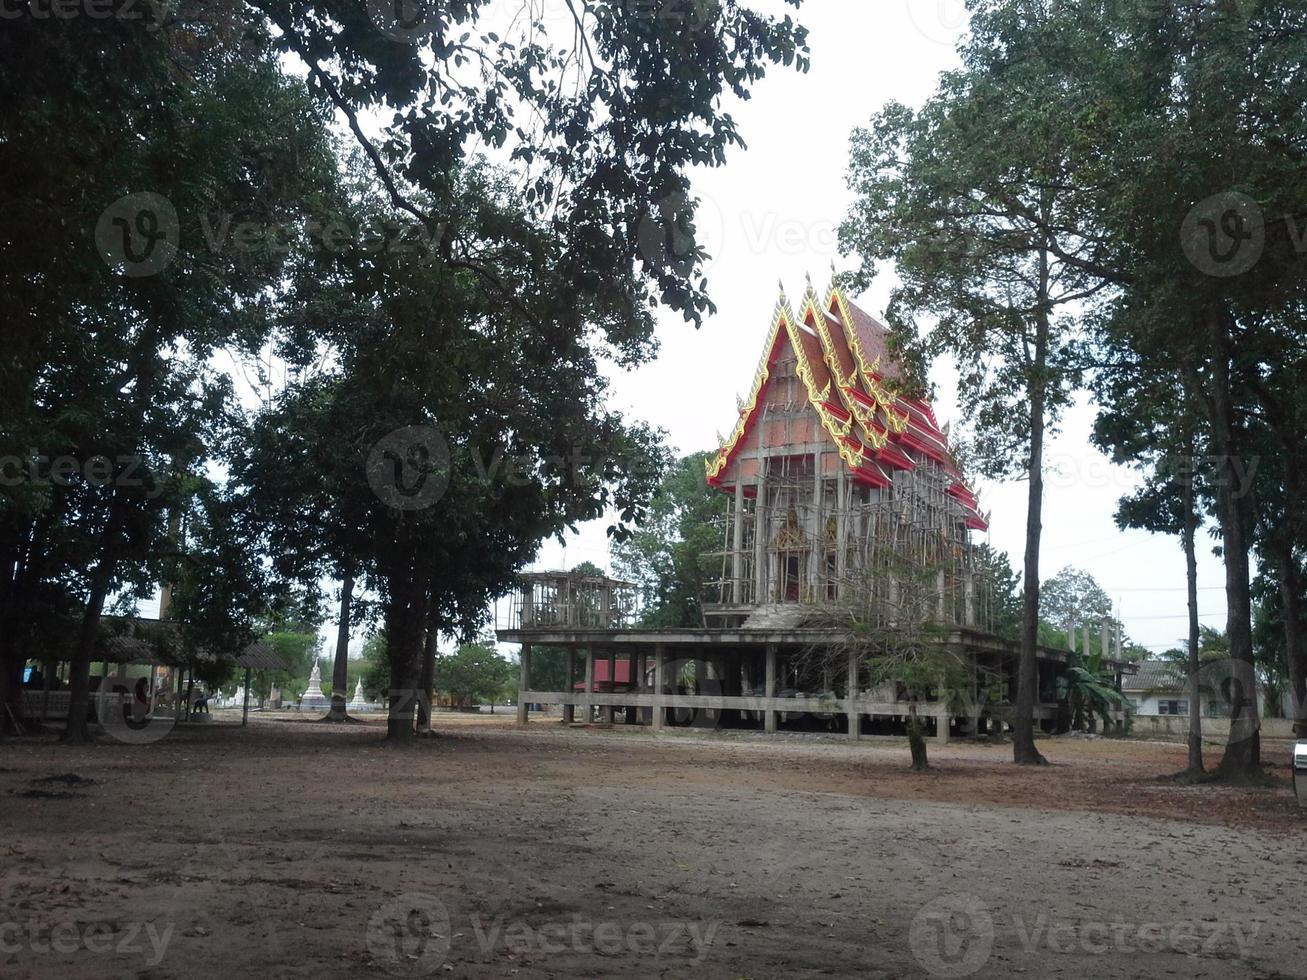 templo em construção foto